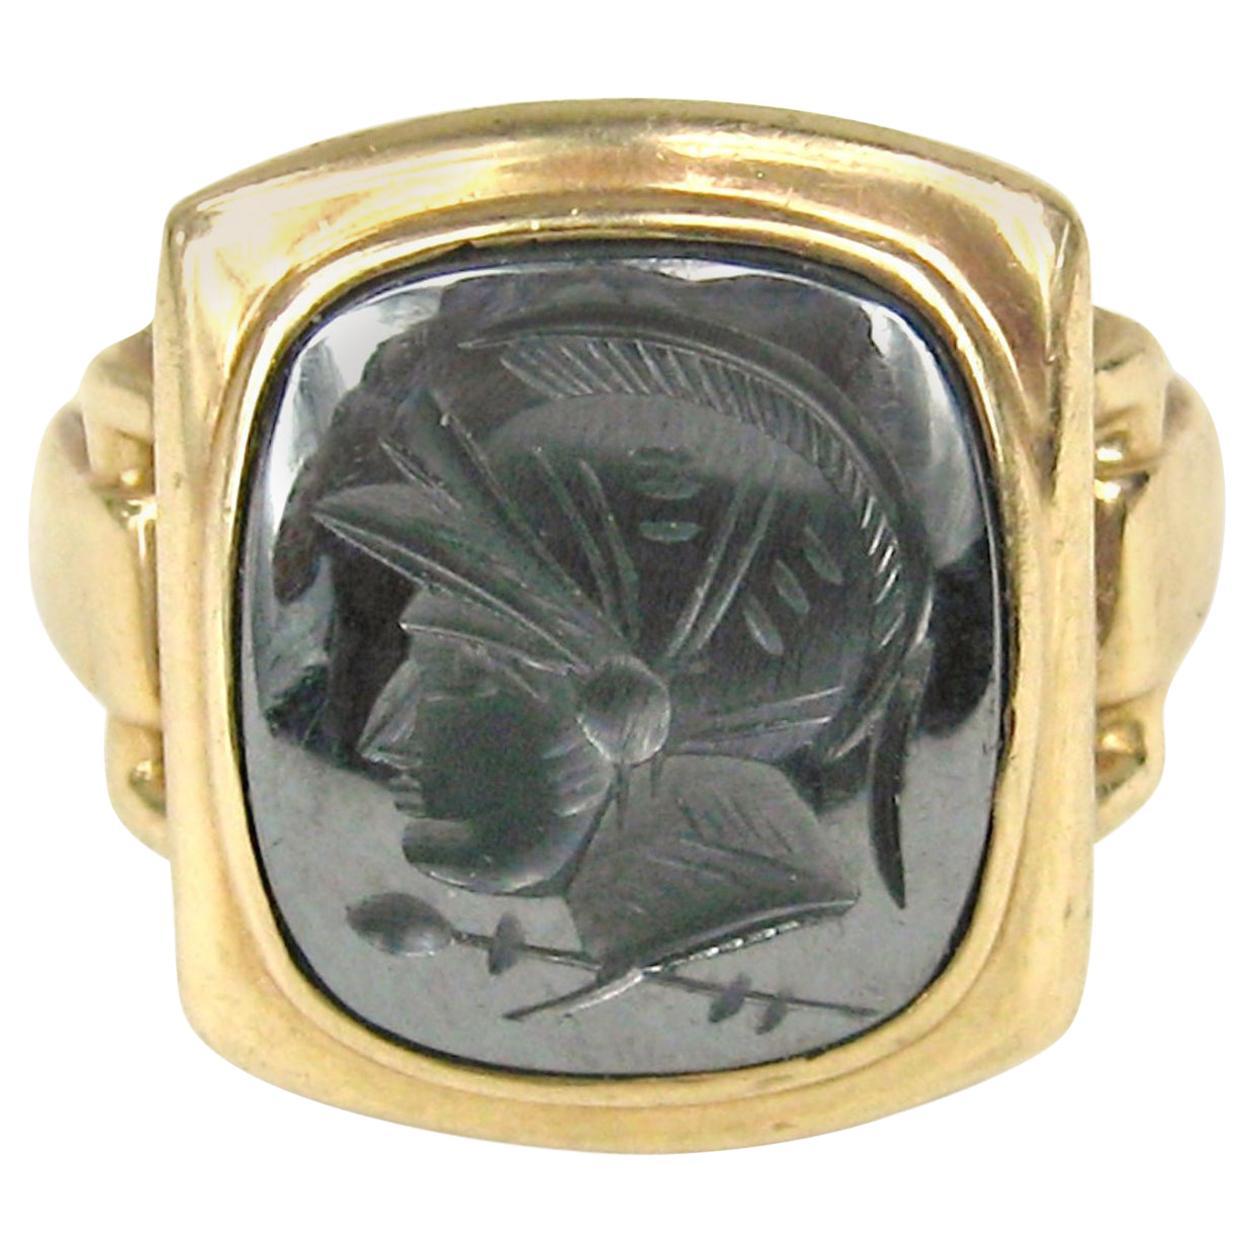 1930s Hematite Gold Intaglio Warrior Ring